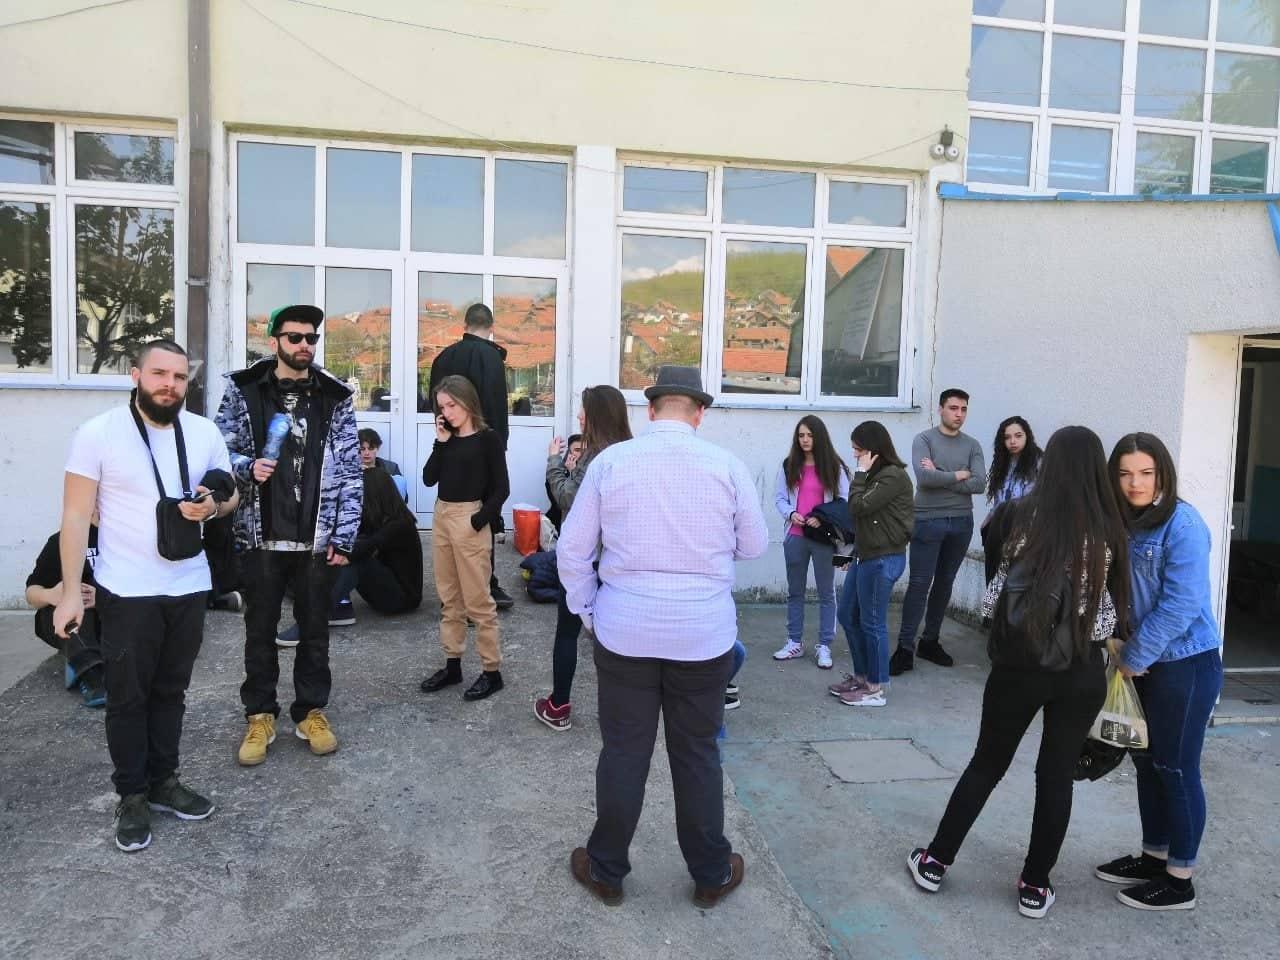 DRAMA U LEBANU Protest učenika zbog zabrane odlaska na Pozorišne susrete u Kragujevcu (VIDEO)